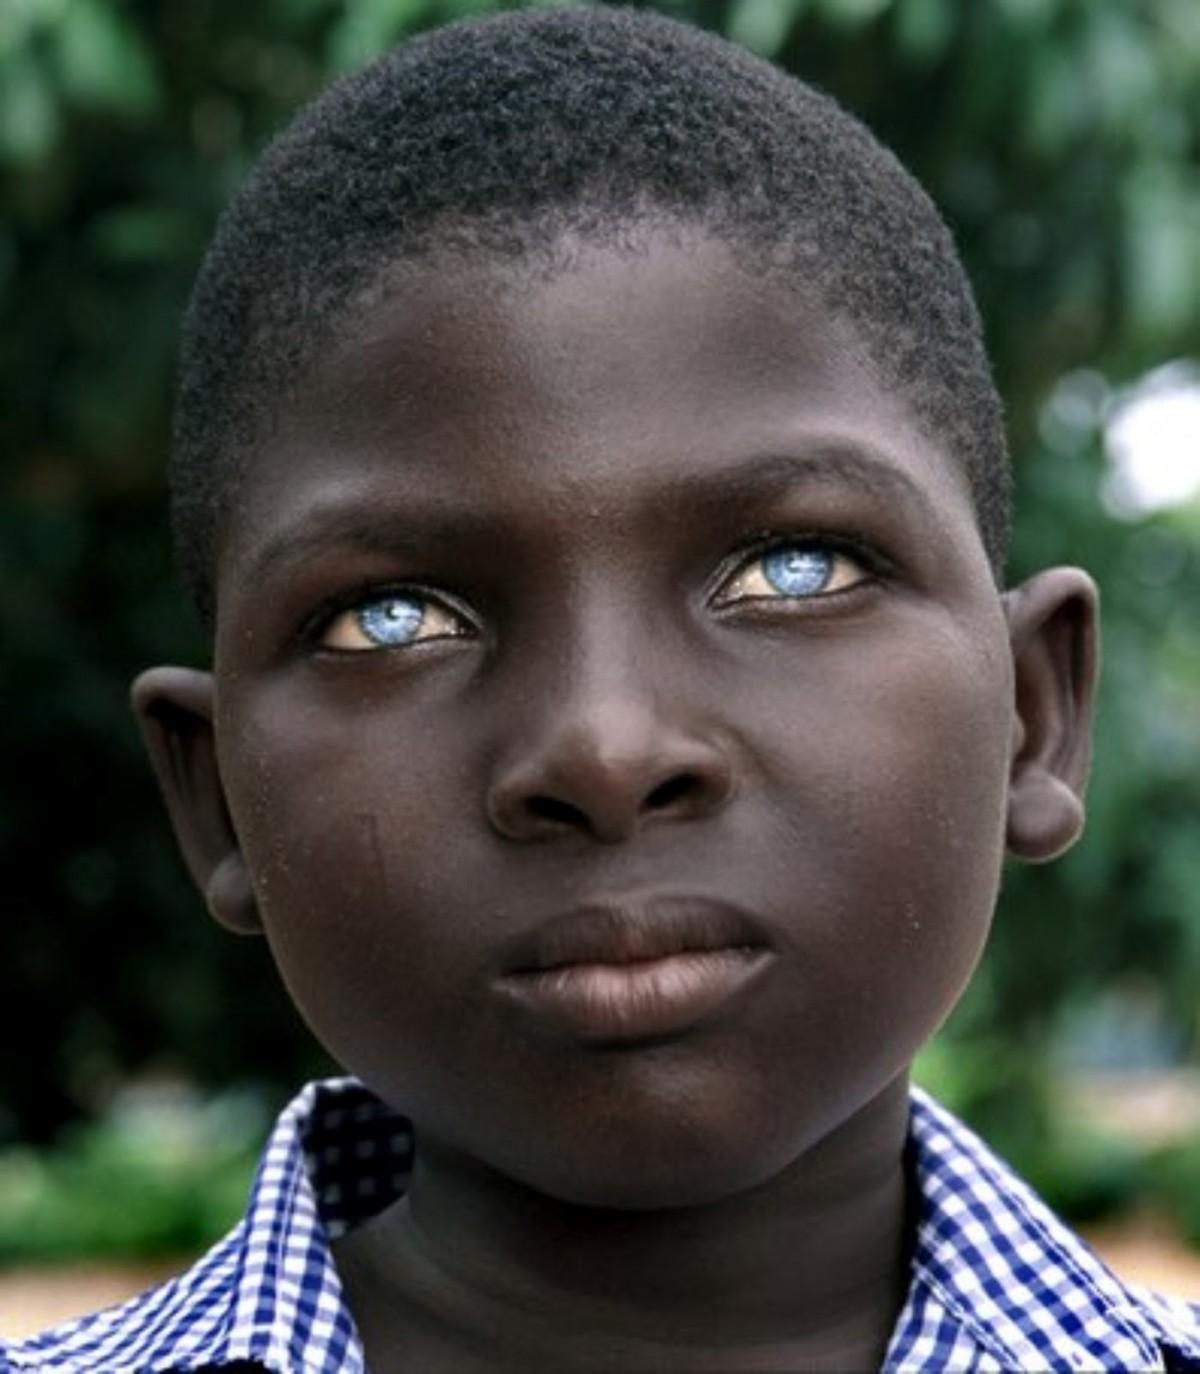 Siyahilerde görülen mavi göz mutasyonu...